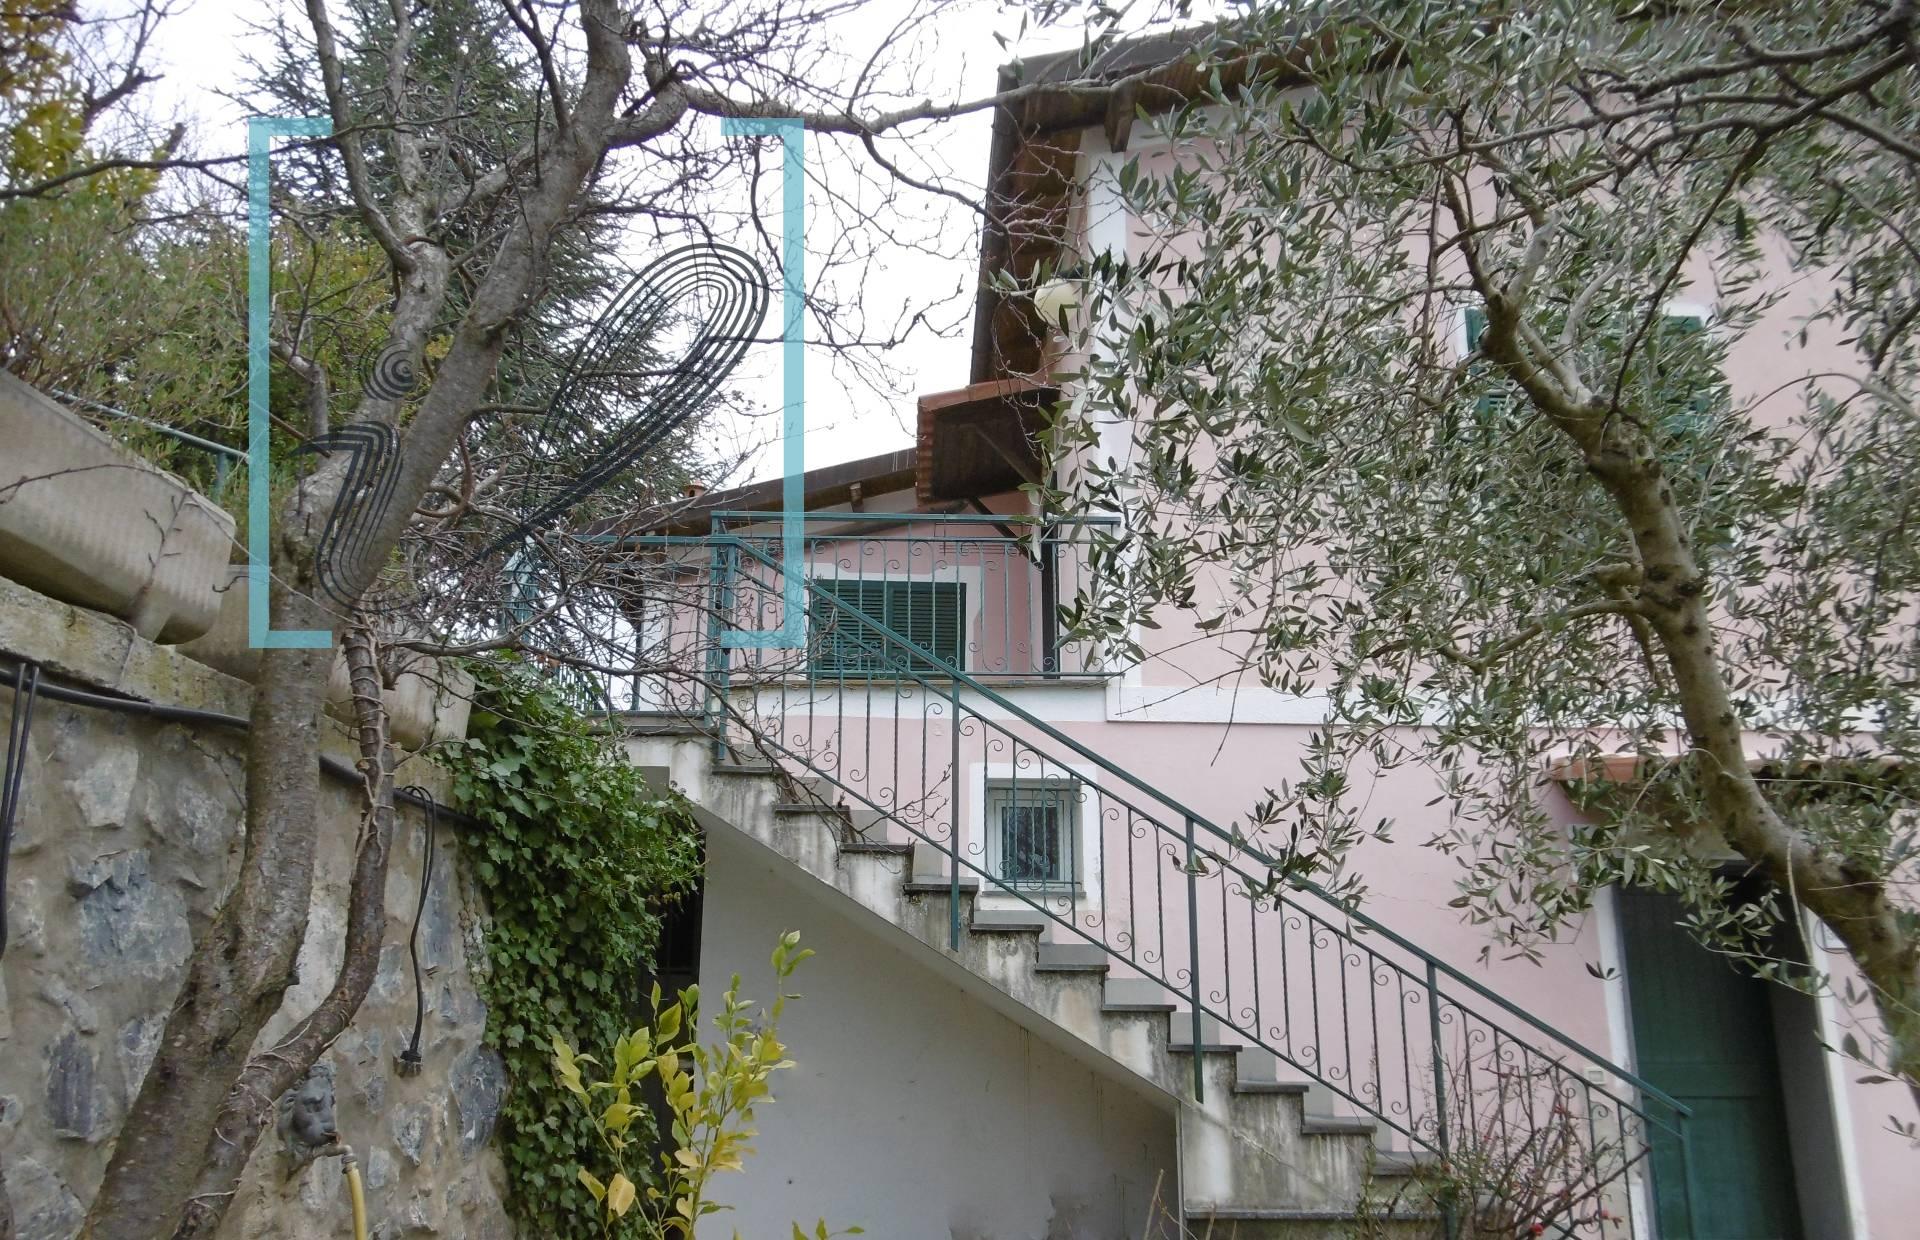 Villa in vendita a Aquila di Arroscia, 7 locali, prezzo € 190.000 | CambioCasa.it